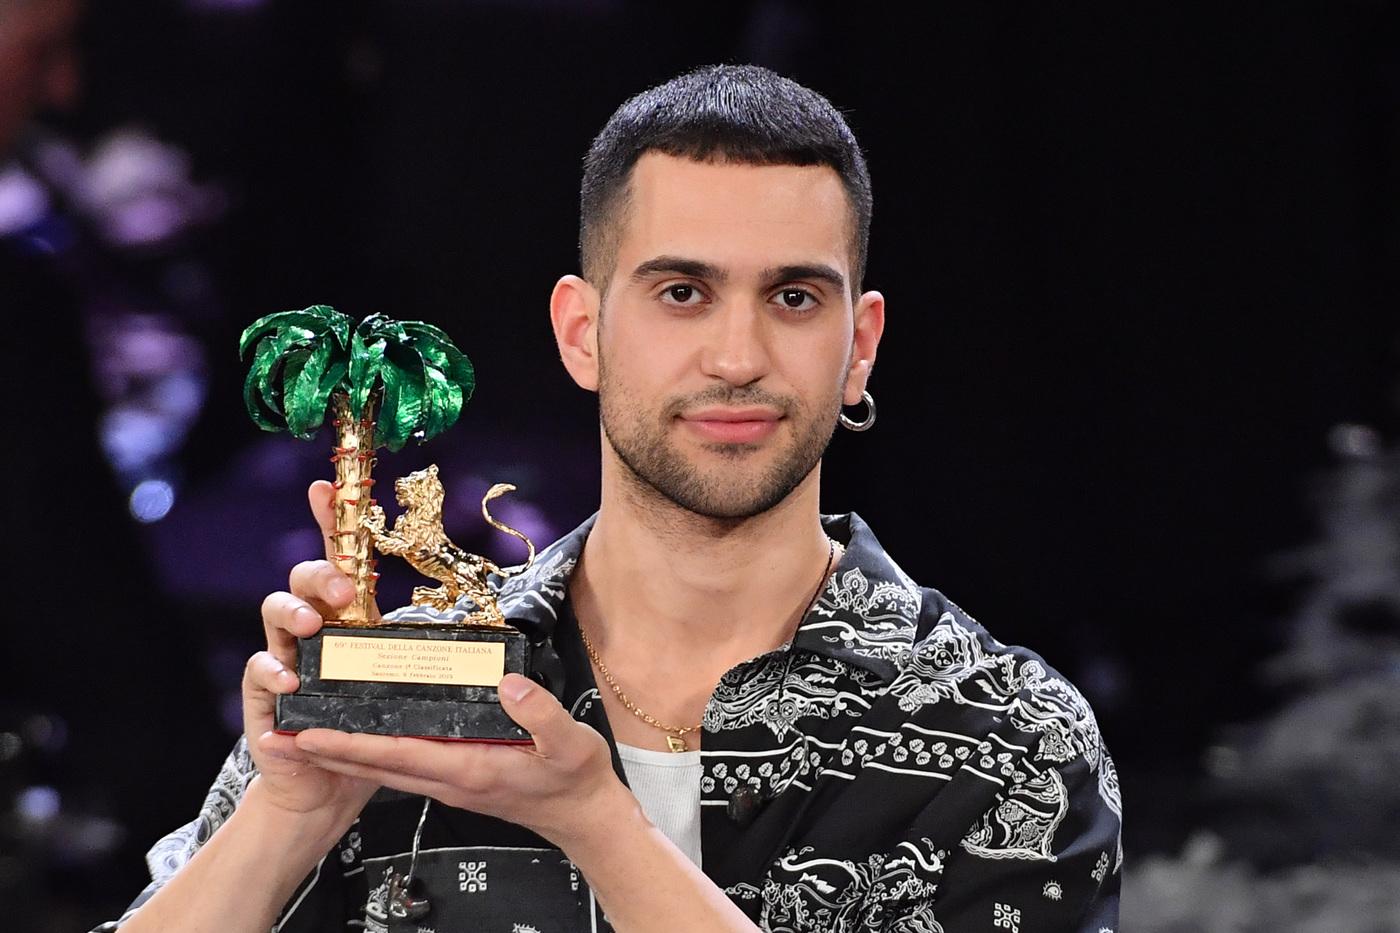 Mahmood con un ragazzo a Milano  E dopo la paparazzata per i due arriva una brutta